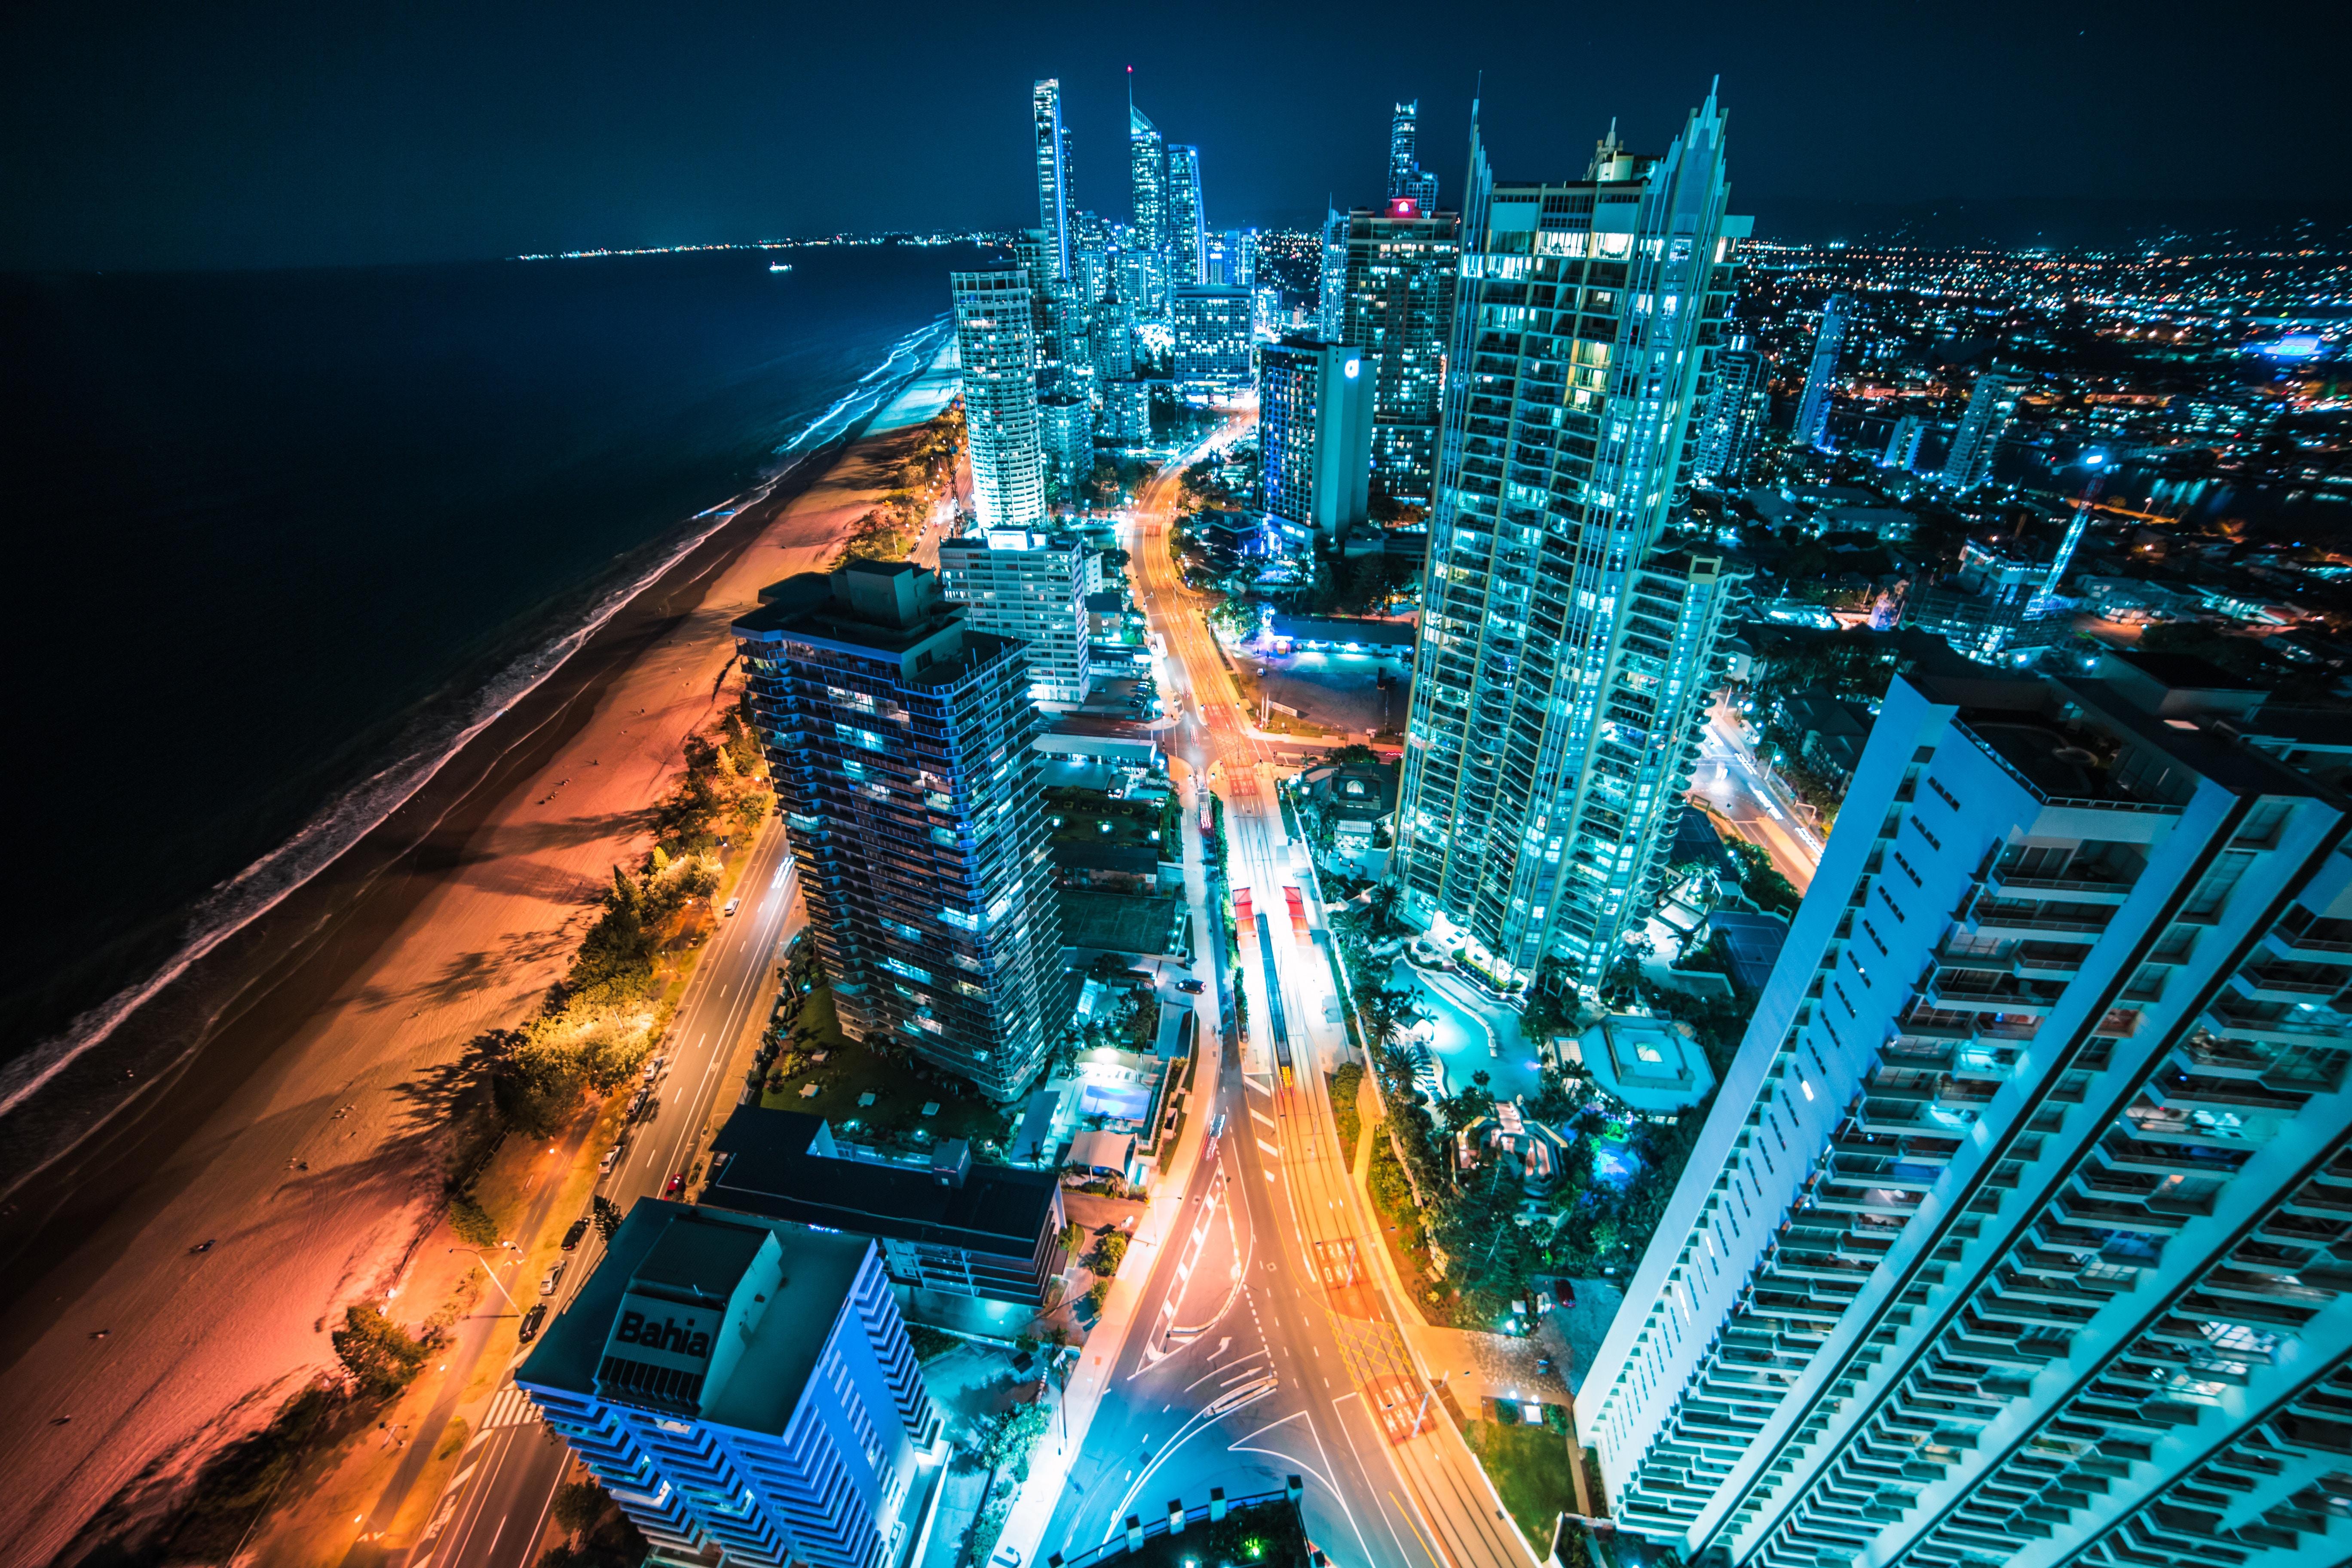 109018 скачать обои Города, Вид Сверху, Ночной Город, Огни Города, Небоскребы, Австралия - заставки и картинки бесплатно